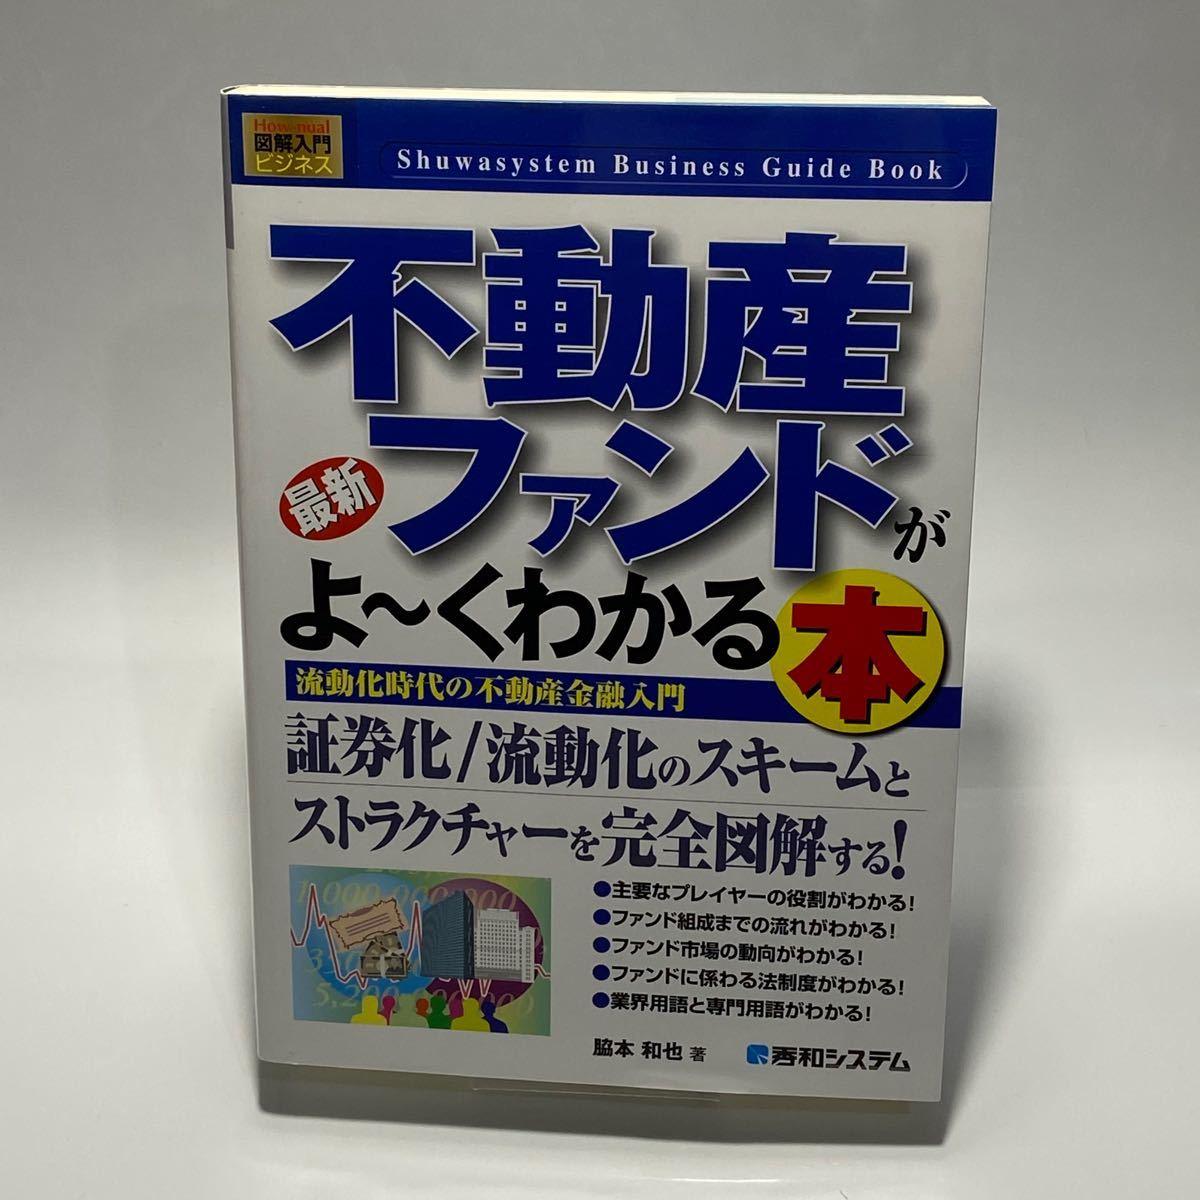 図解入門ビジネス 最新 不動産ファンドがよ〜くわかる本 第1版 流動化時代の不動産金融入門